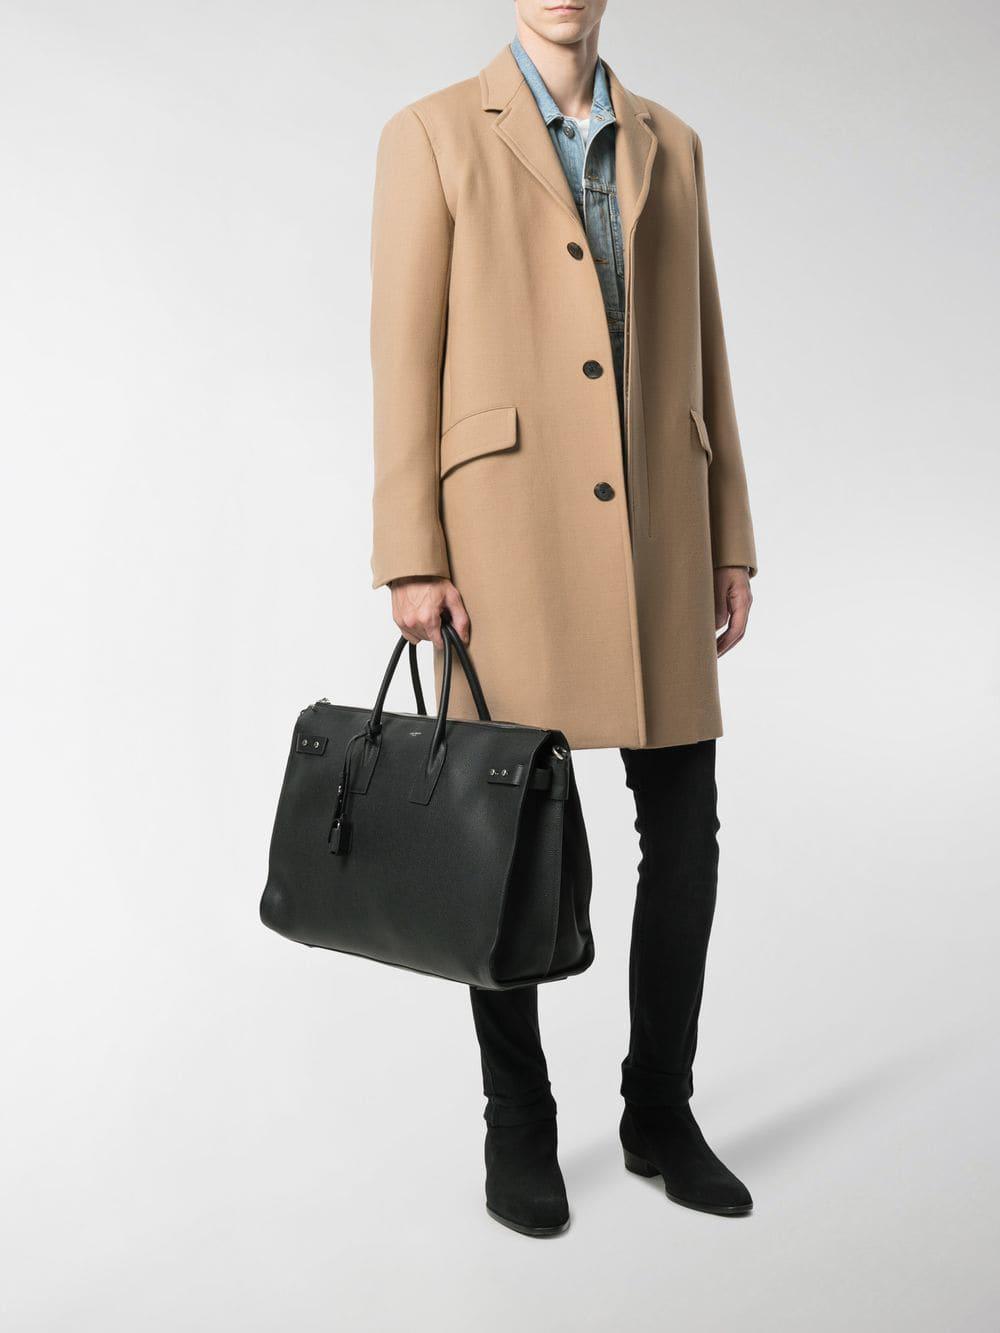 Lyst - Saint Laurent Large Sac De Jour Bag in Black for Men bf7511138d454